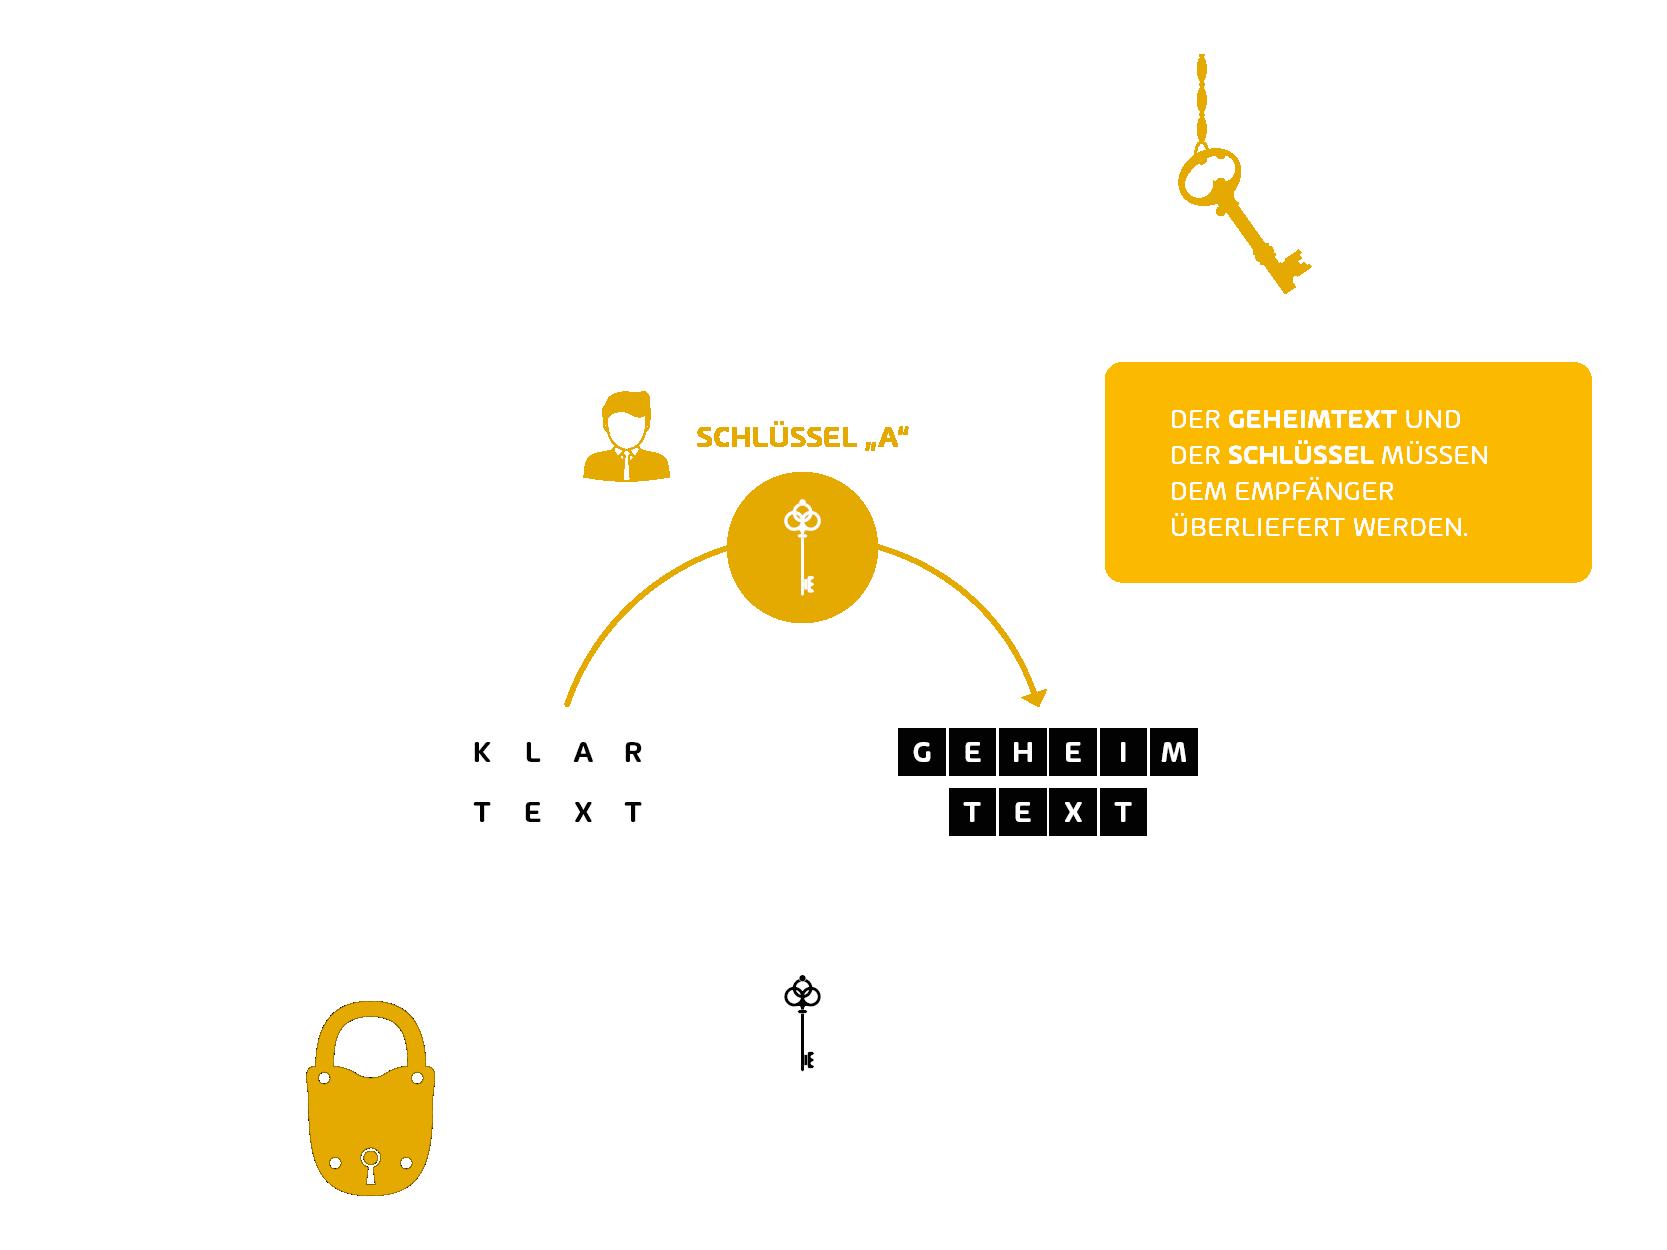 Symetrische Verschlüsselung erklärt